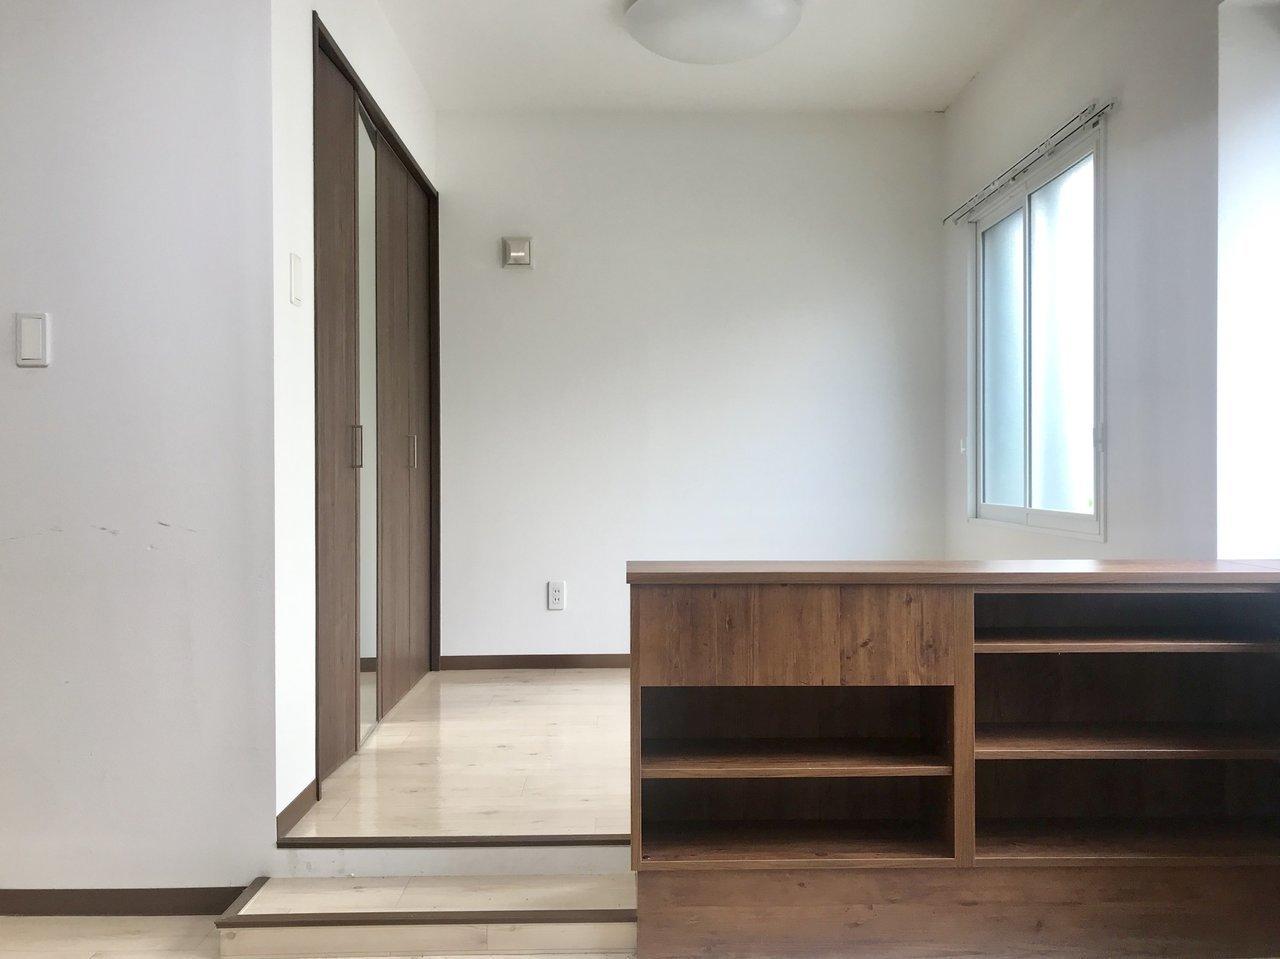 そして段差を2段上ると、洋室が。仕切りがない分、ベッドメイクは念入りに。クローゼットもかなりの大容量。ここに荷物をしまい込んで、居室・寝室スペースは物を出さないように、シンプルに暮らすのもいいですね。